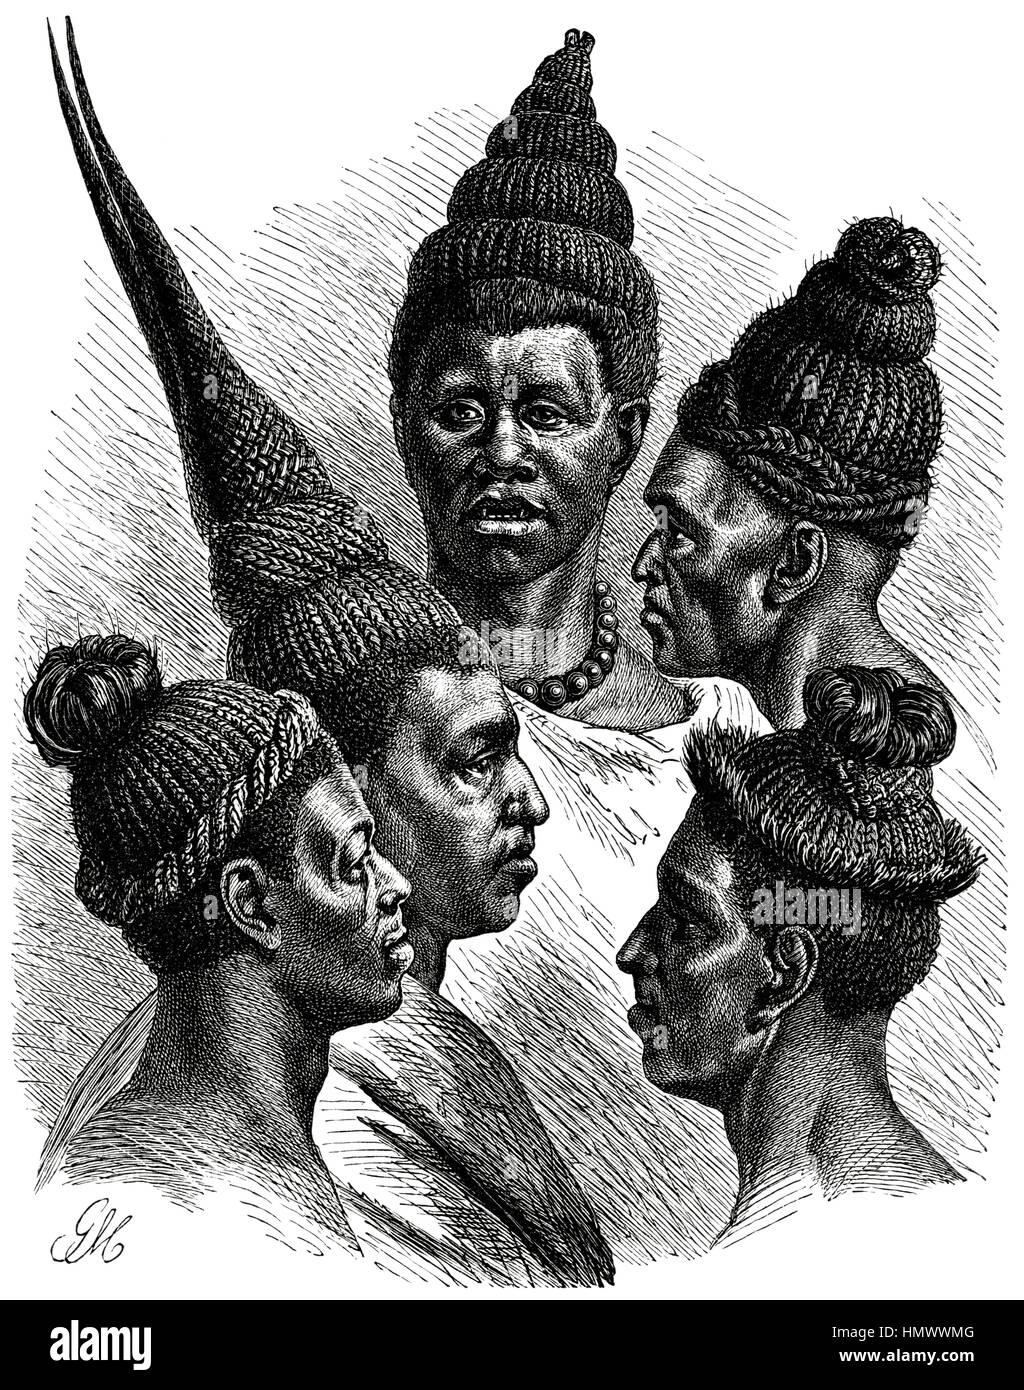 Capelli mode del Maschukulumbe, Sud Africa, illustrazione, 1885 Immagini Stock